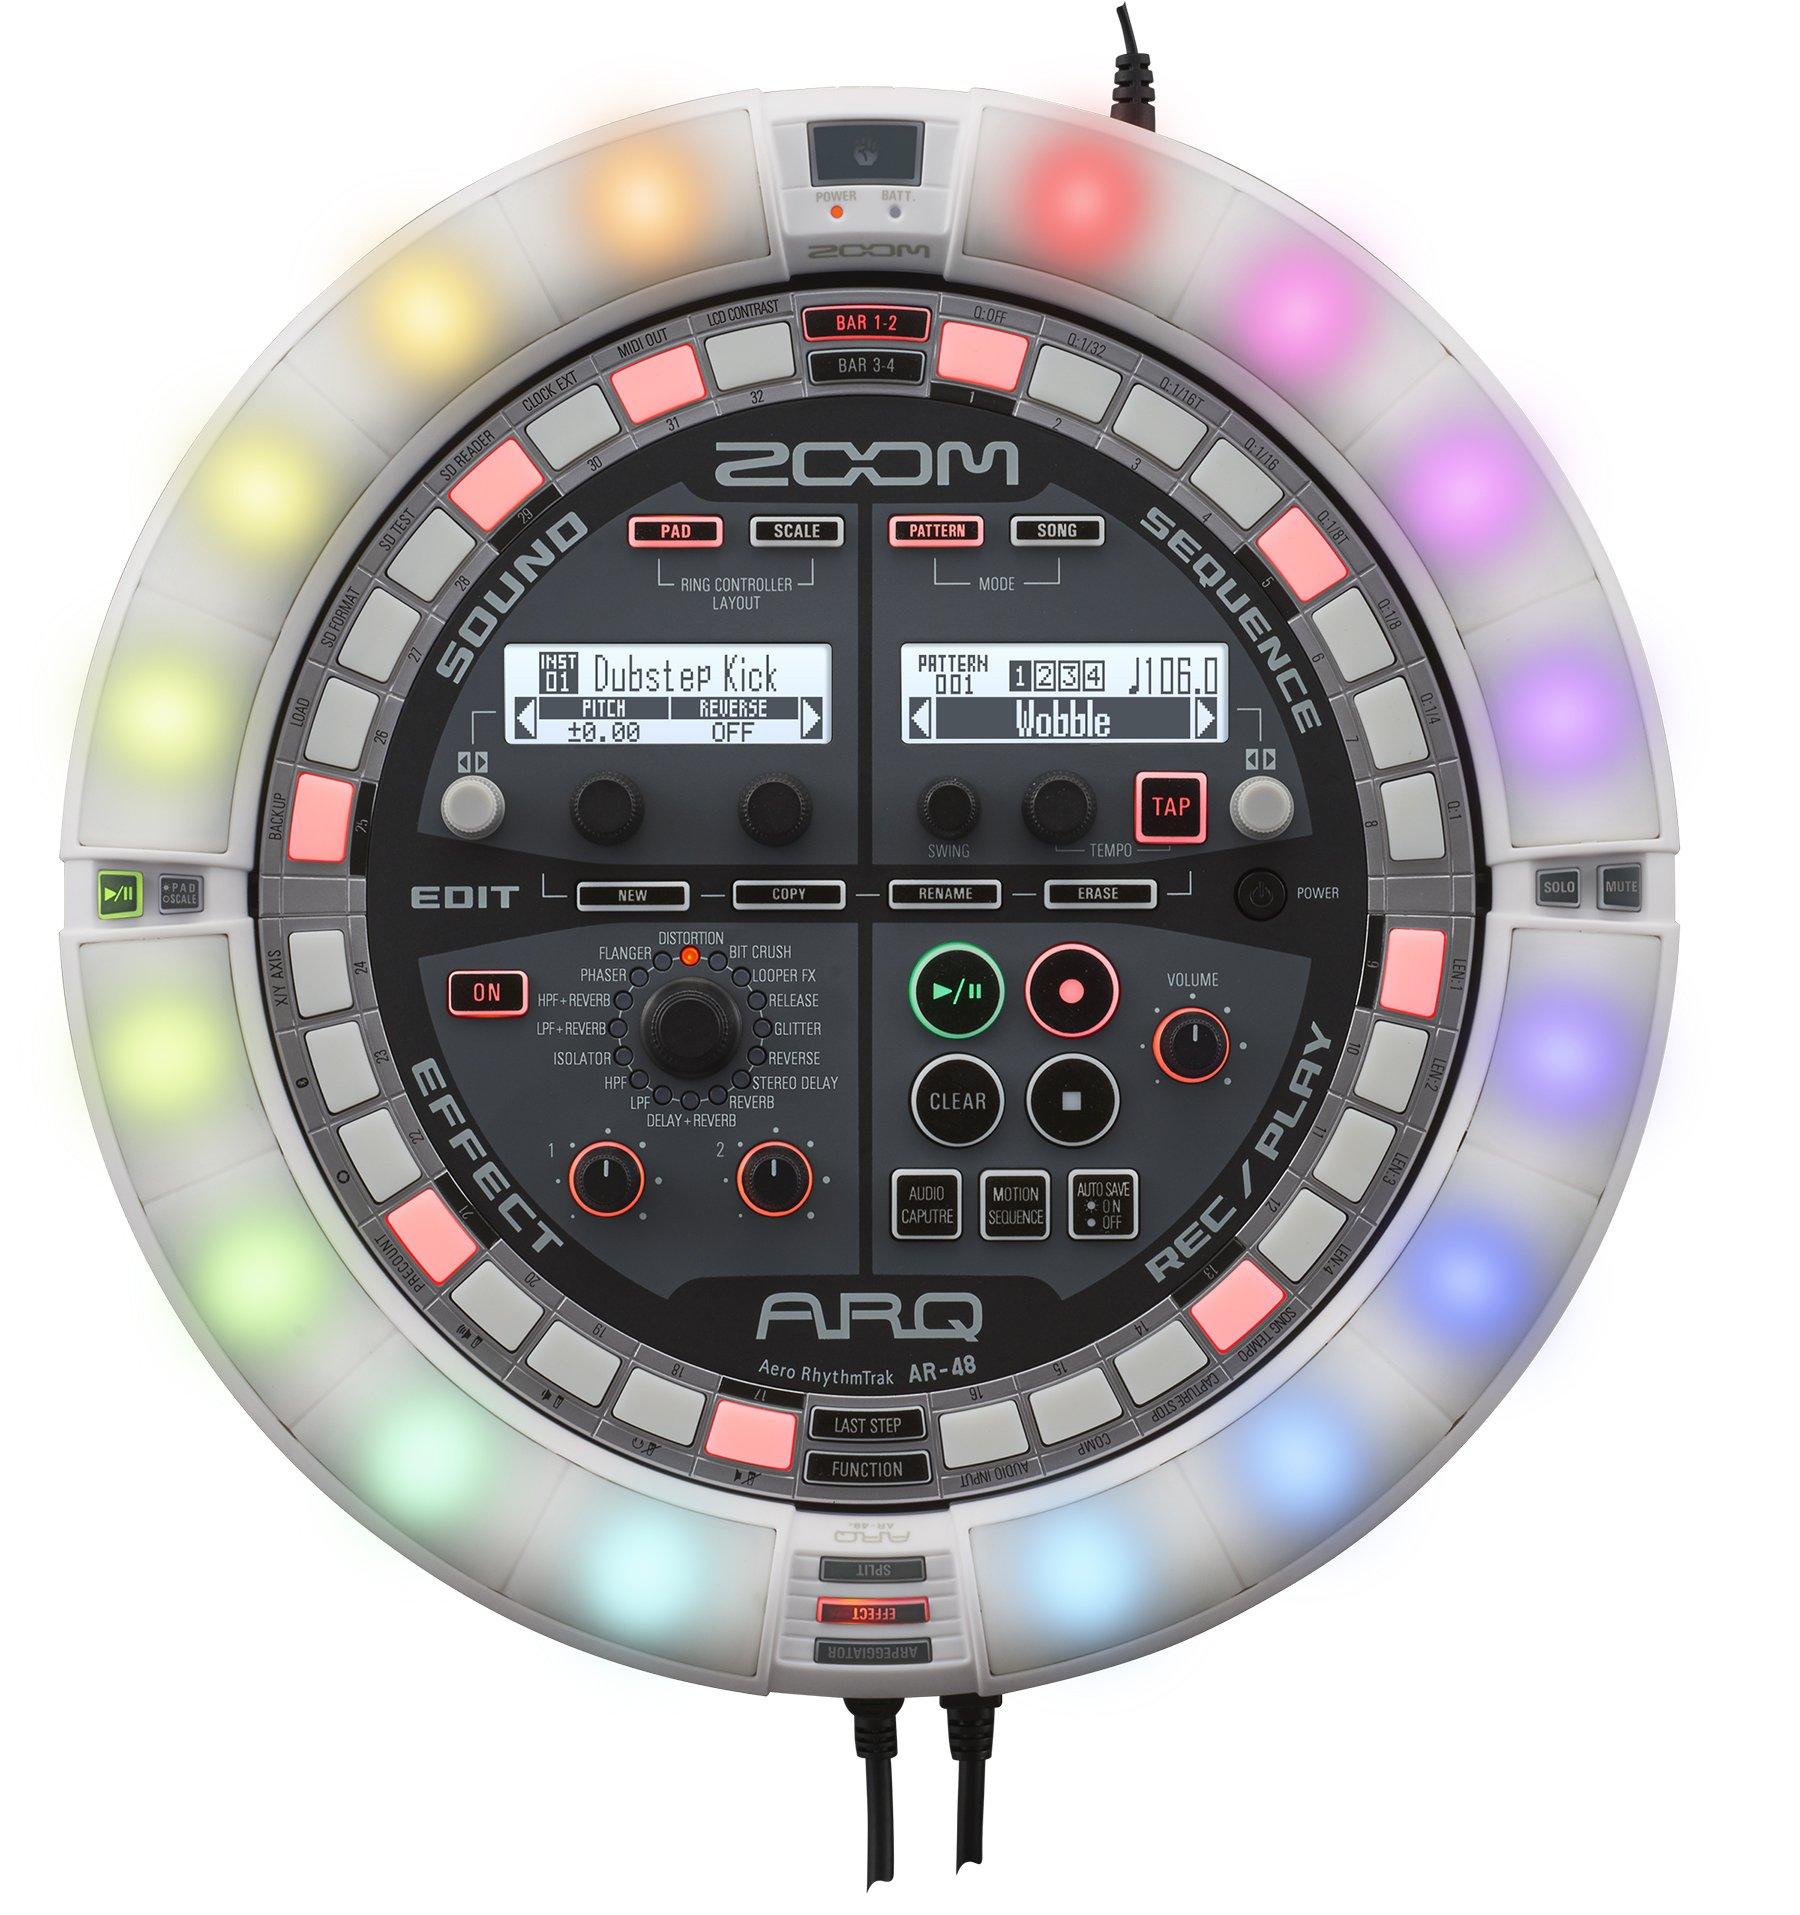 Zoom AR-48 Drum Machine